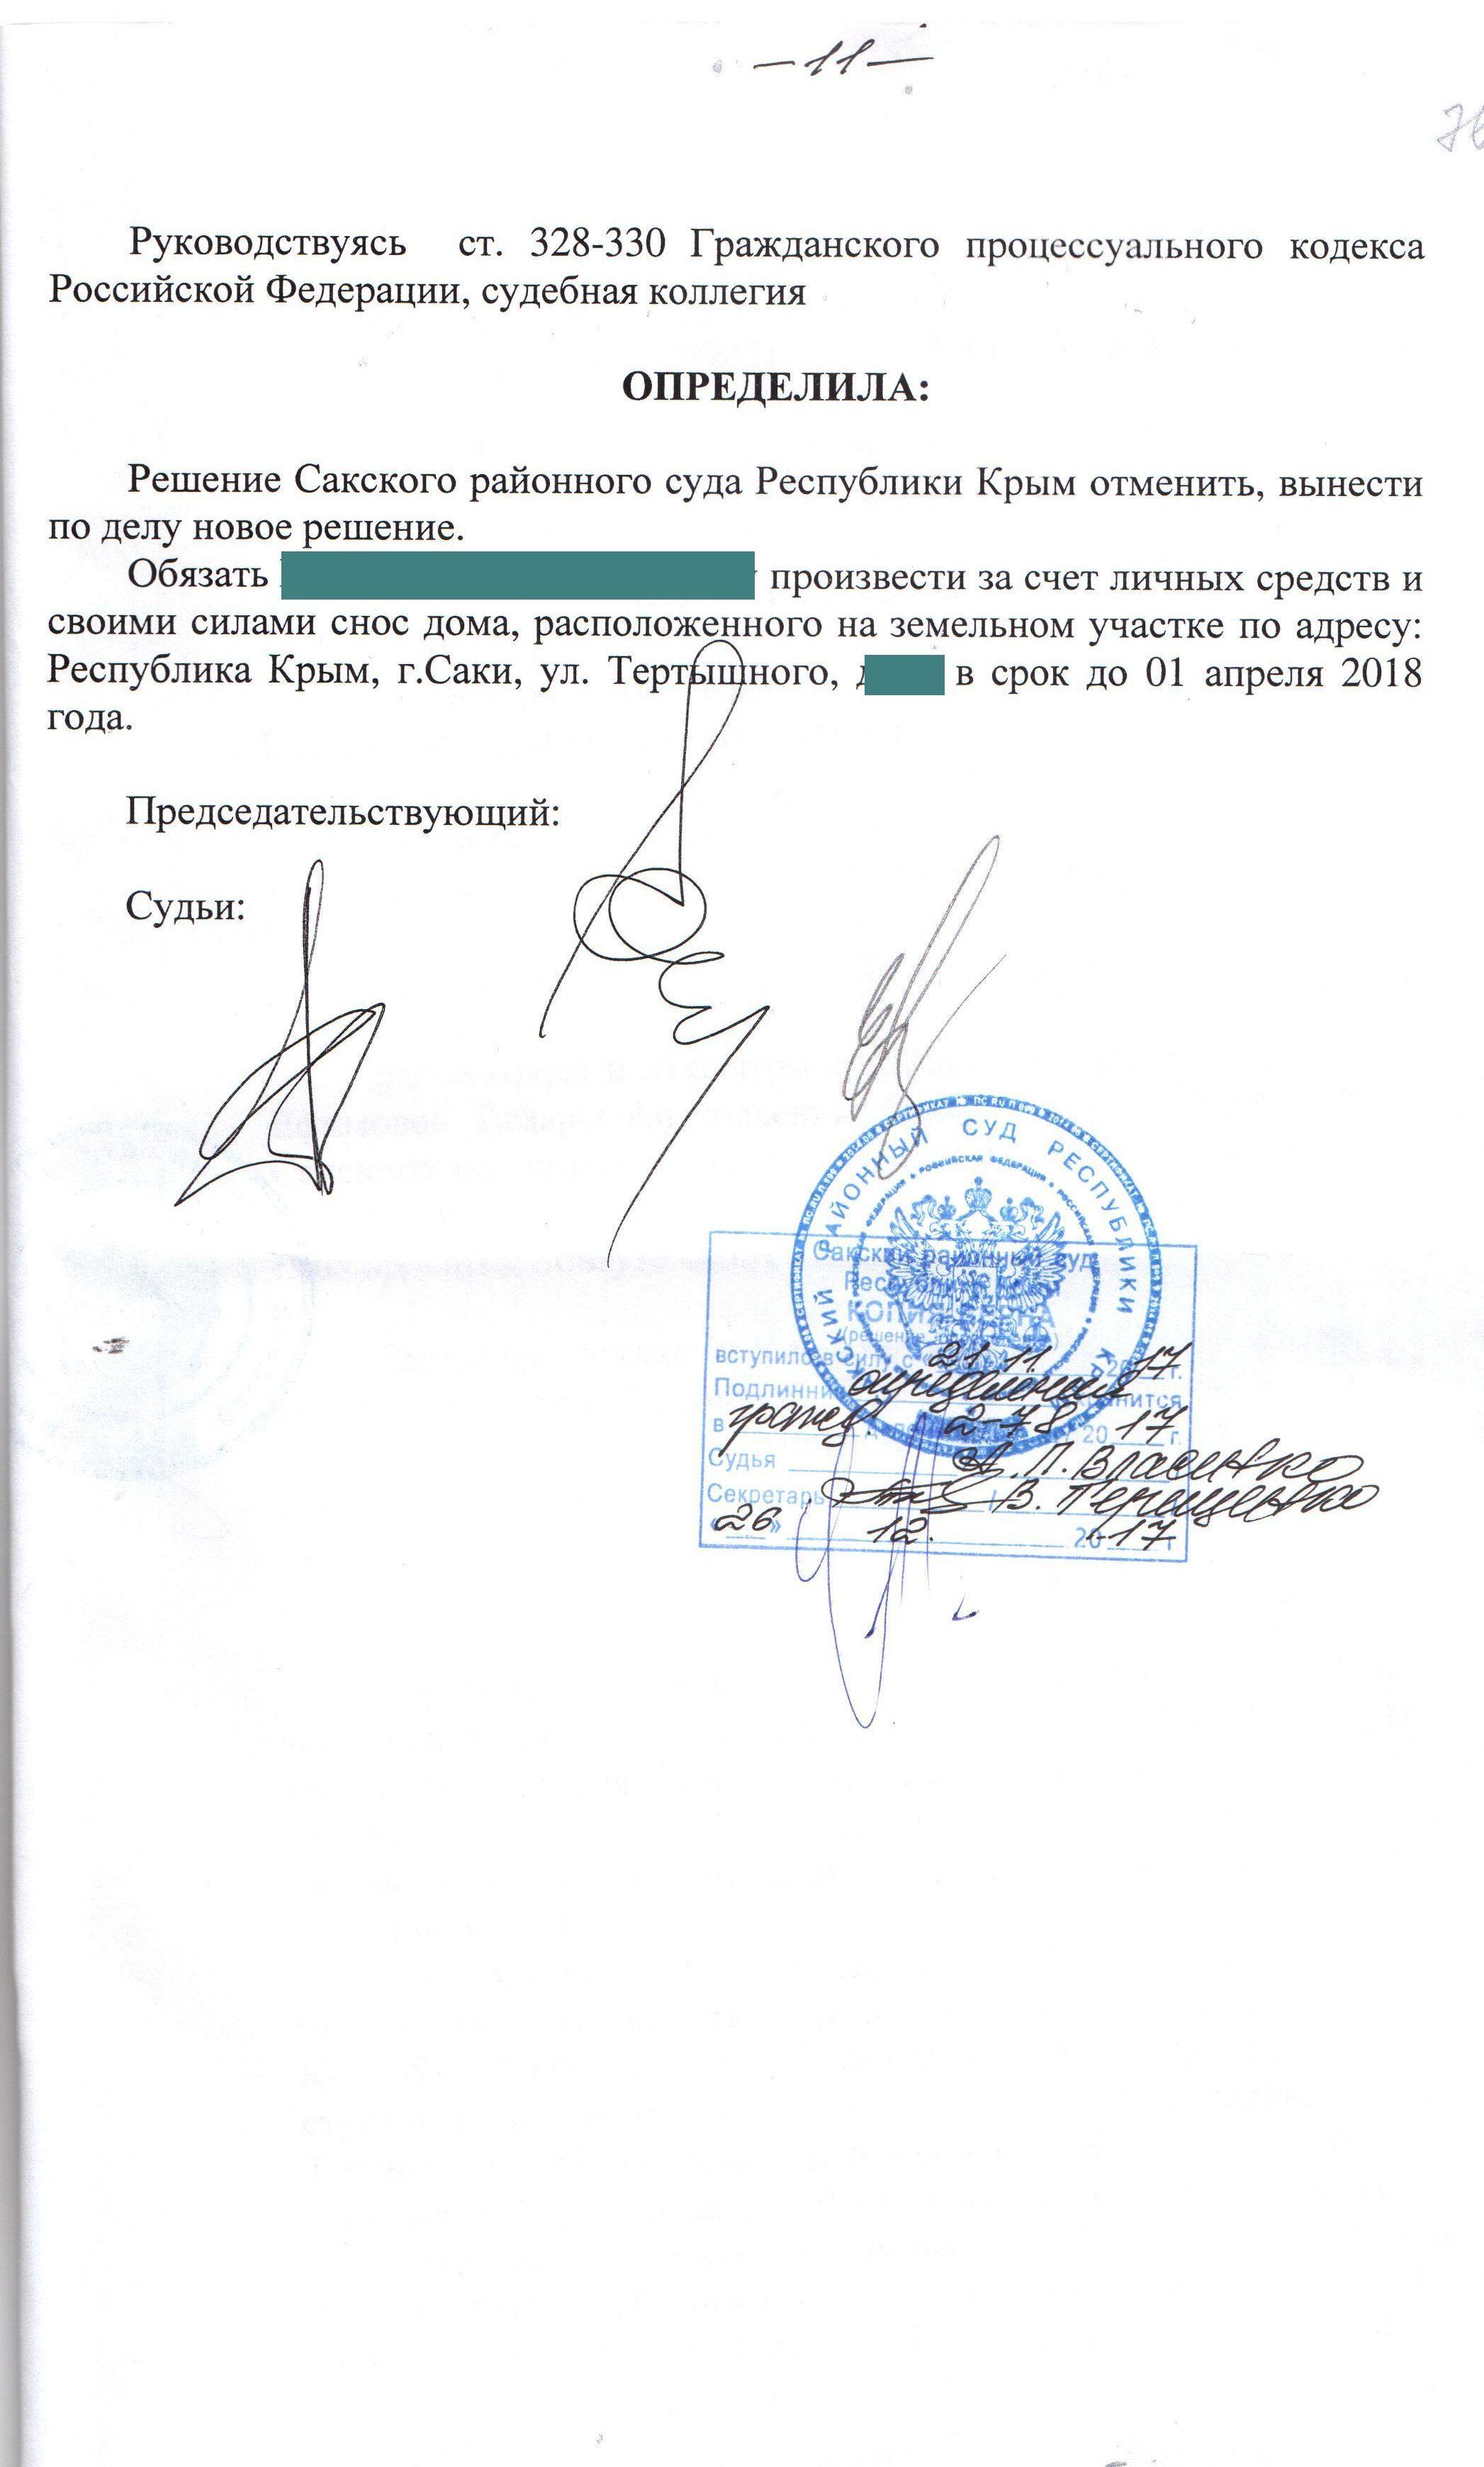 Снос самовольной посторойки, Верховный суд Республики Крым